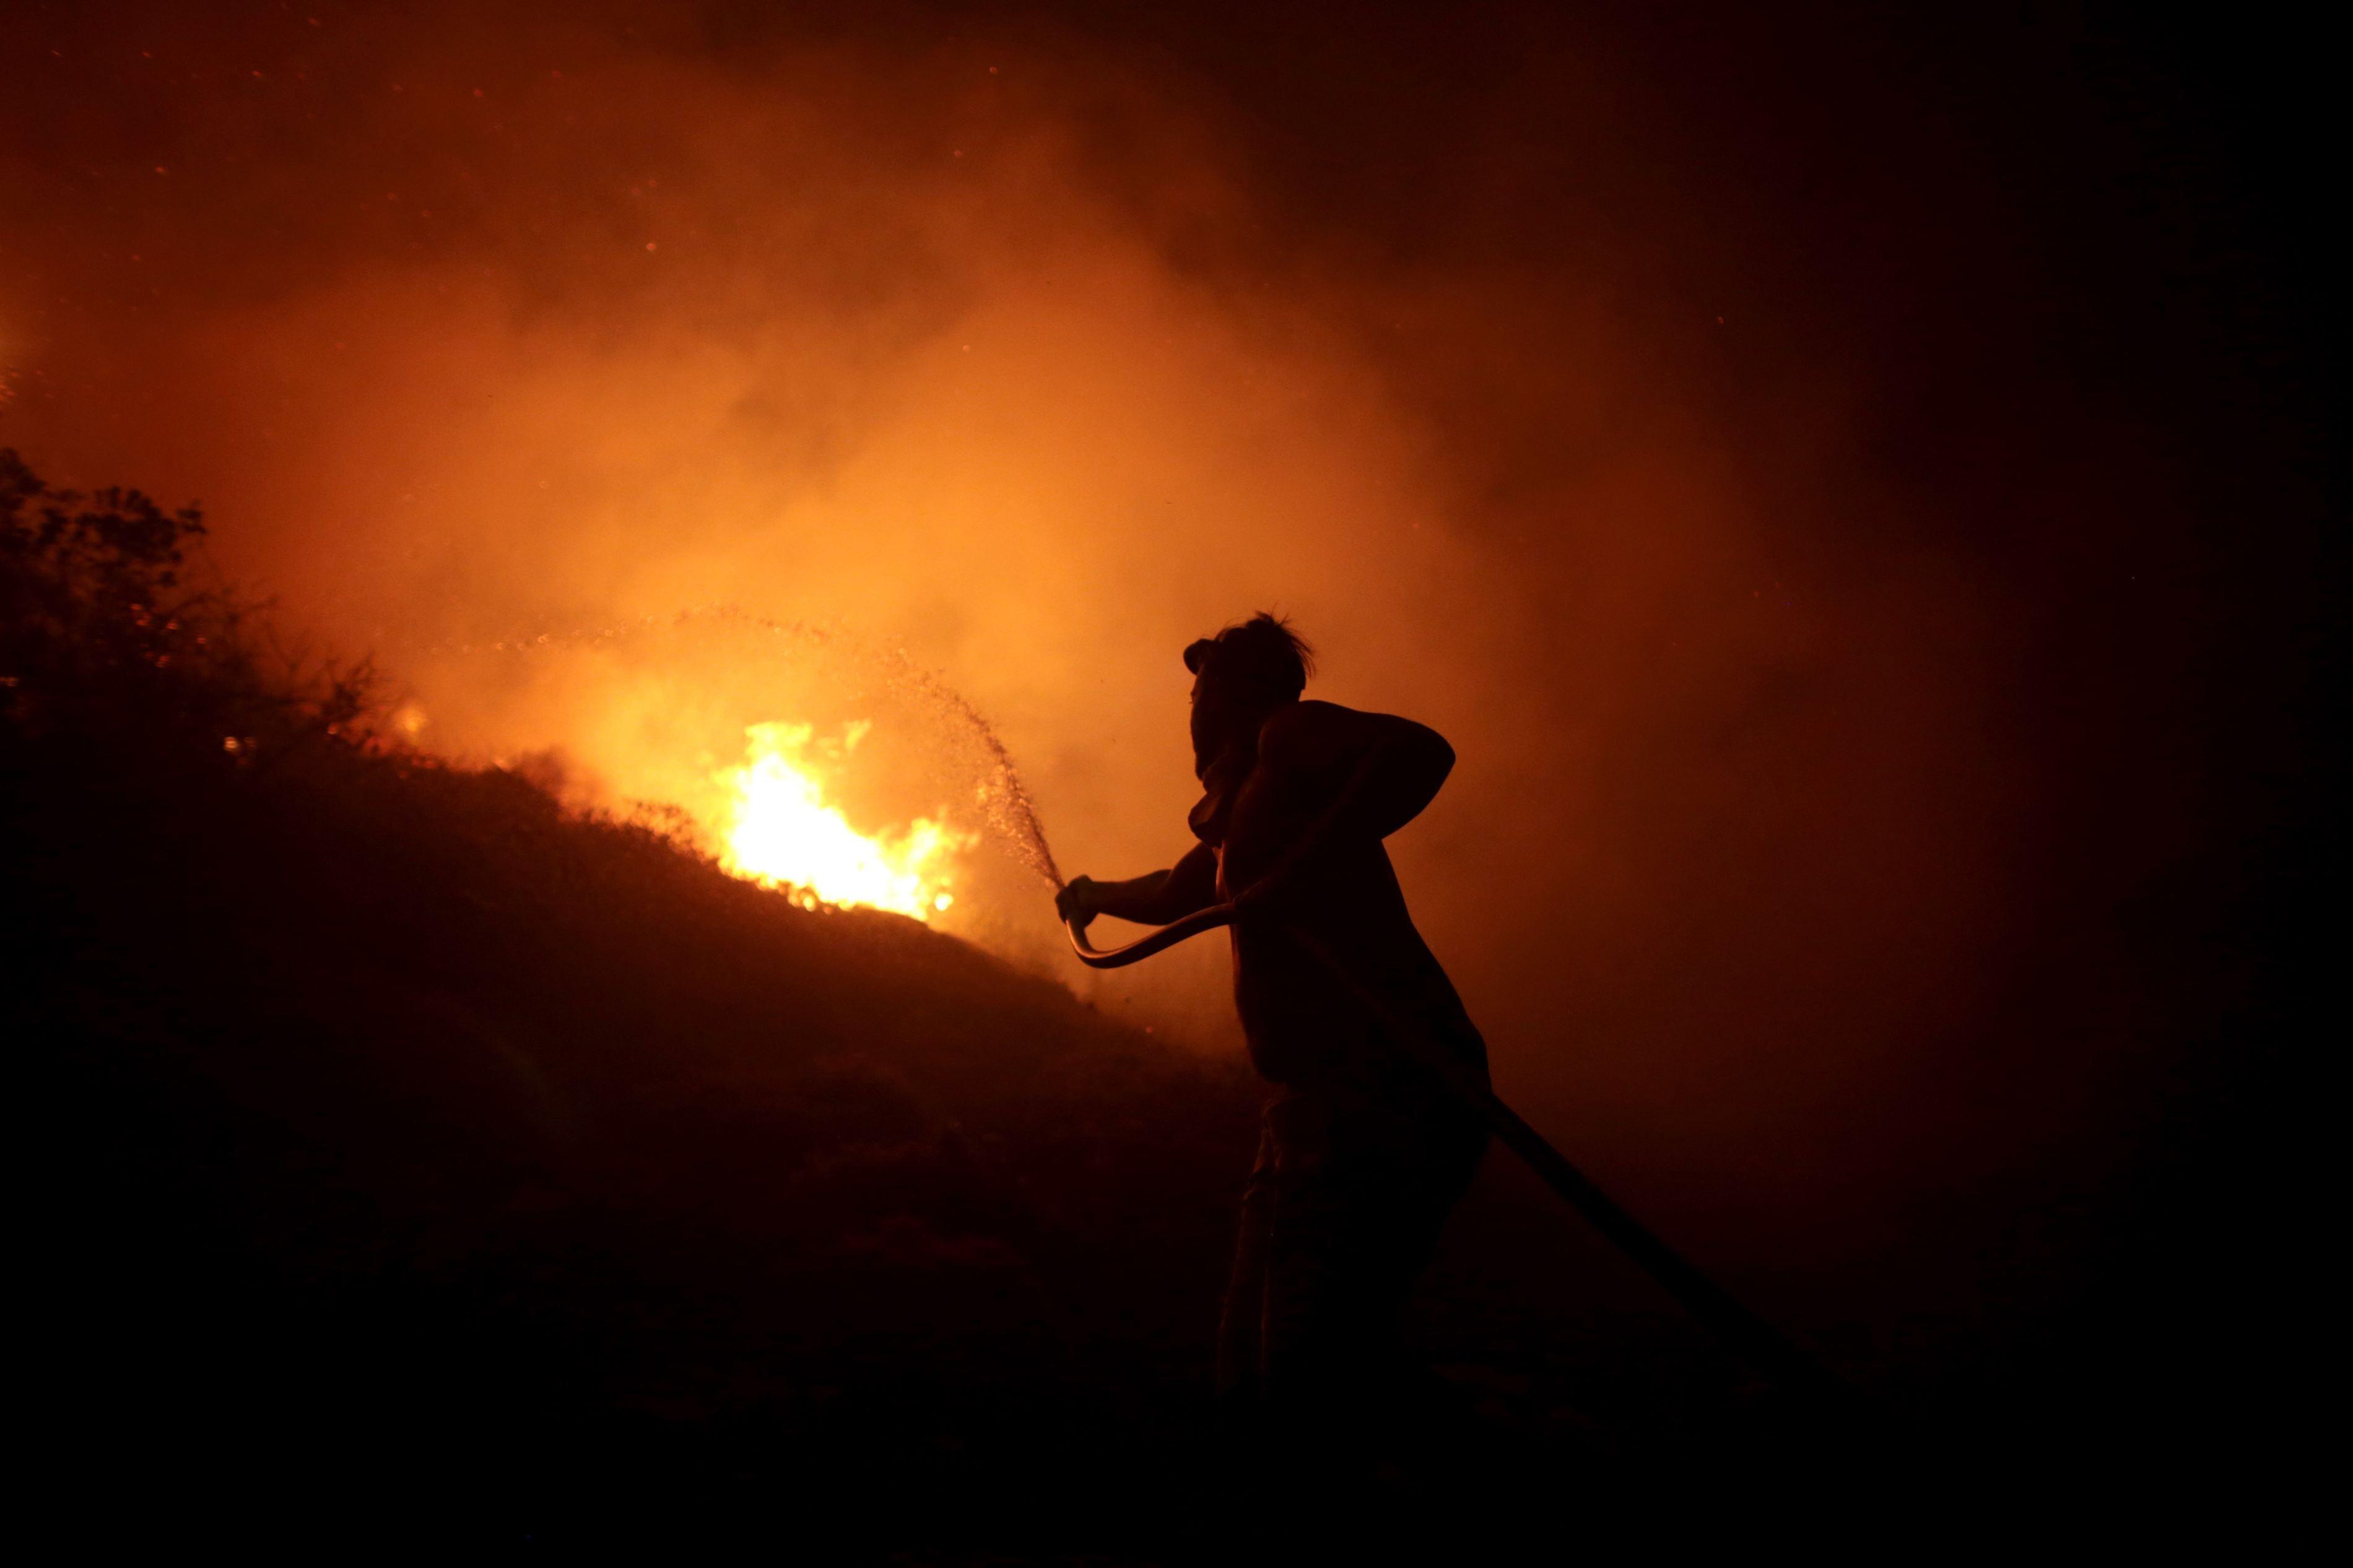 Cel puţin 39 de morţi şi 63 de răniţi, în urma incendiilor de vegetaţie din Portugalia şi nordul Spaniei / MAE emite atenţionare de călătorie pentru Spania / Temperaturi de până la 36 grade C, record pentru mijlocul lunii octombrie | FOTO